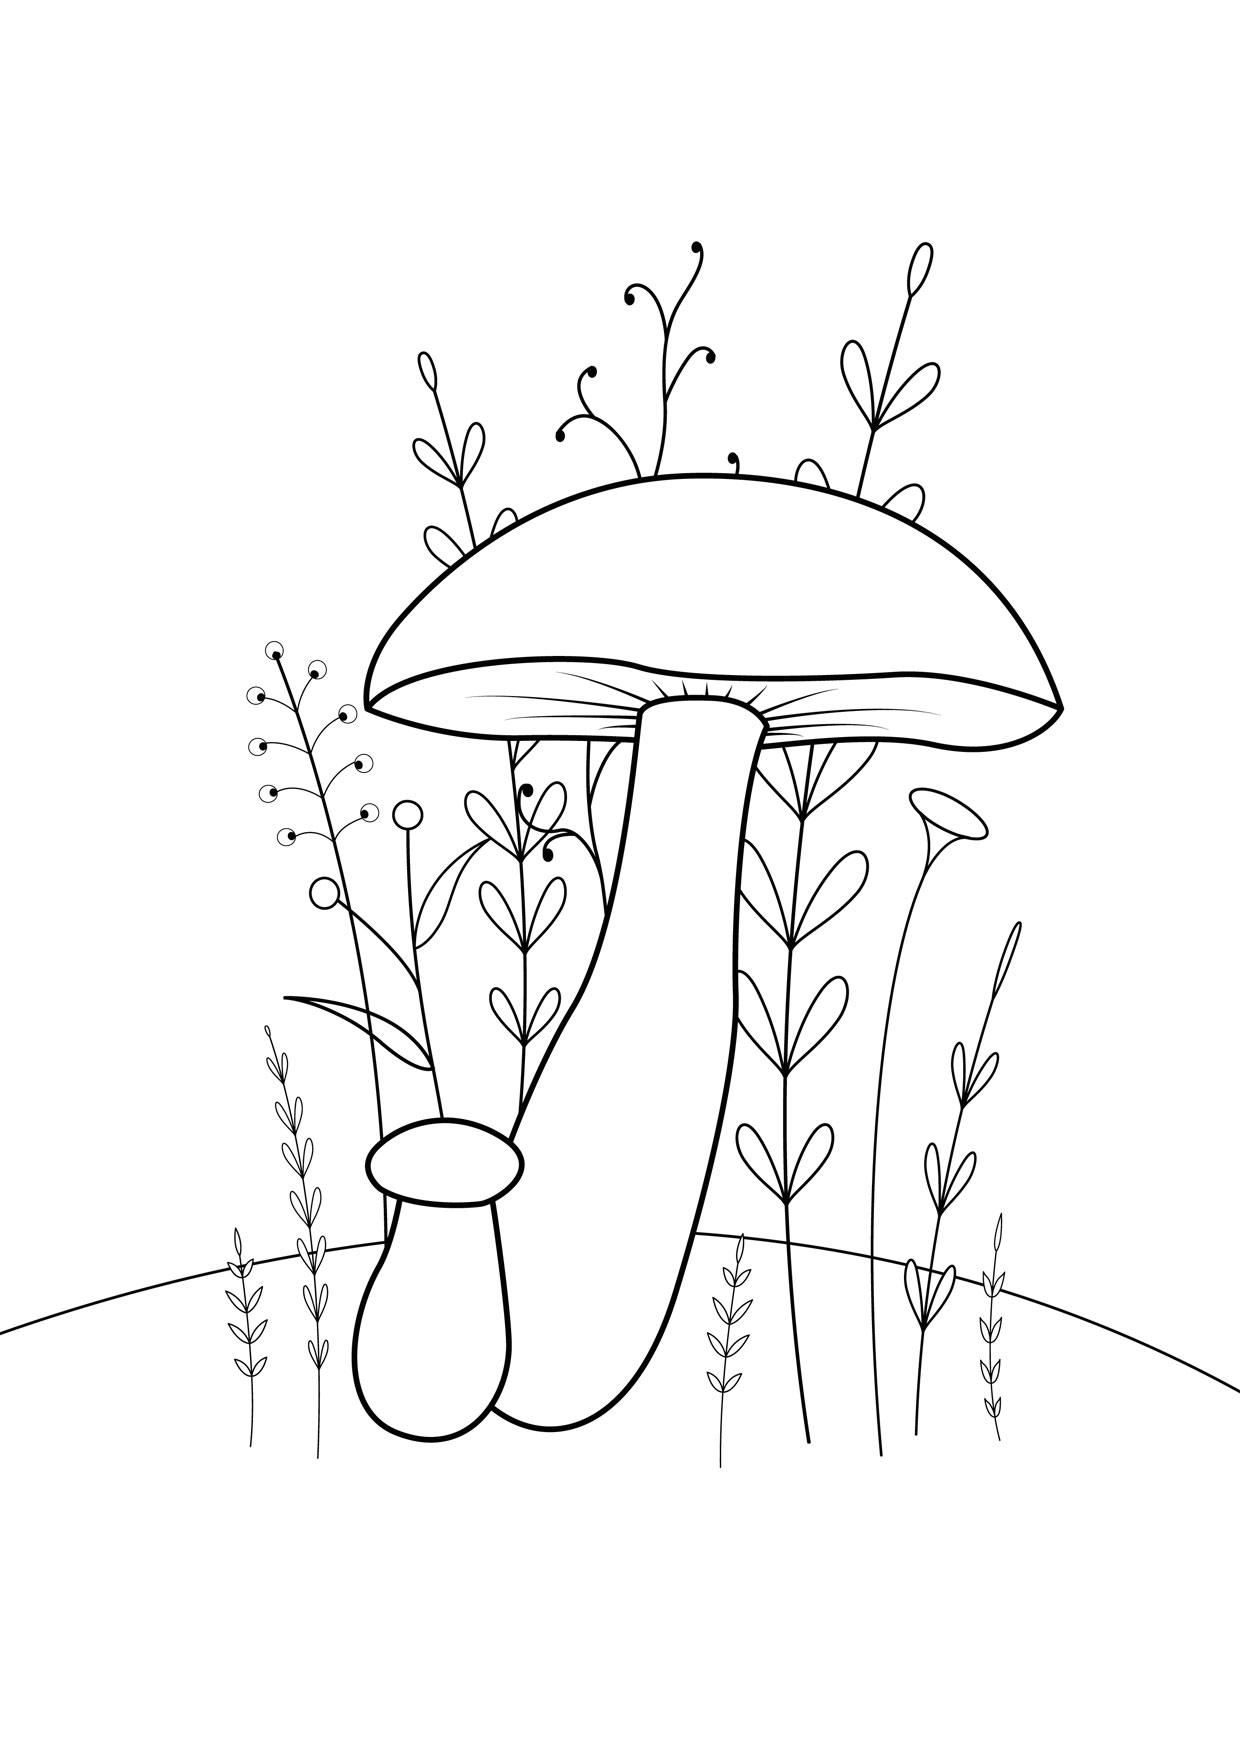 Disegno di funghi da colorare 11